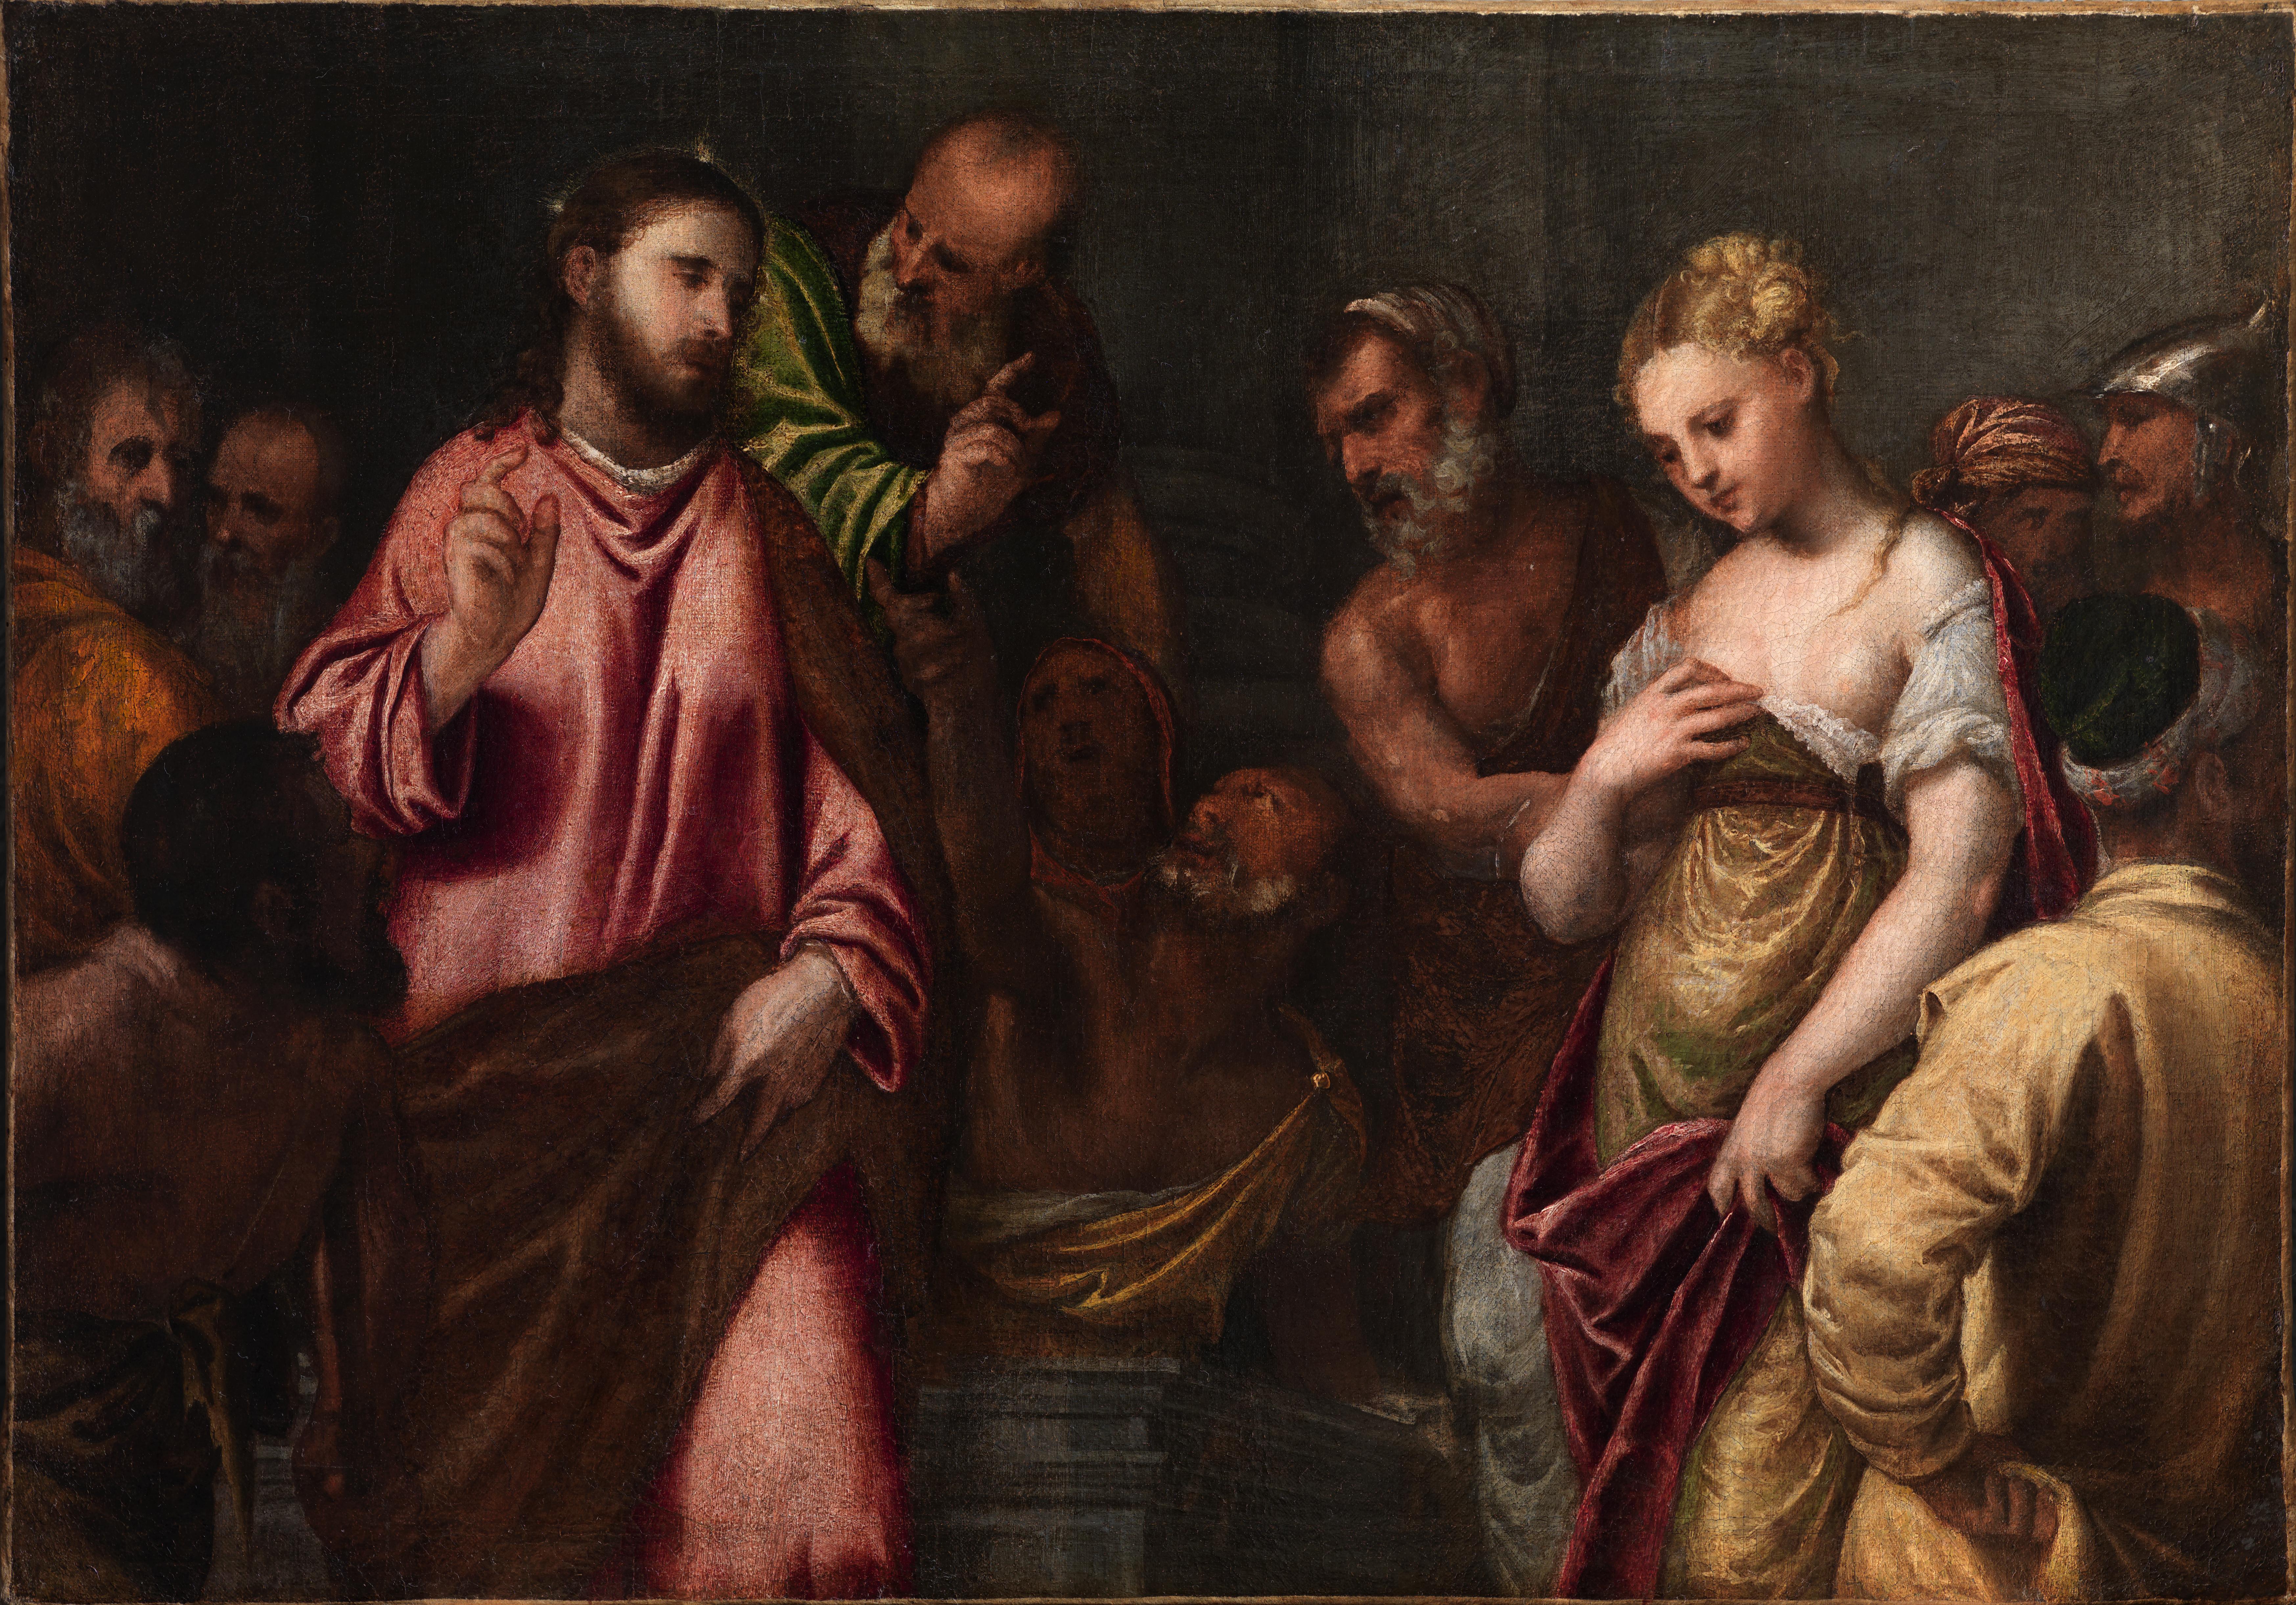 Polidoro da Lanciano_Cristo y la mujer adultera